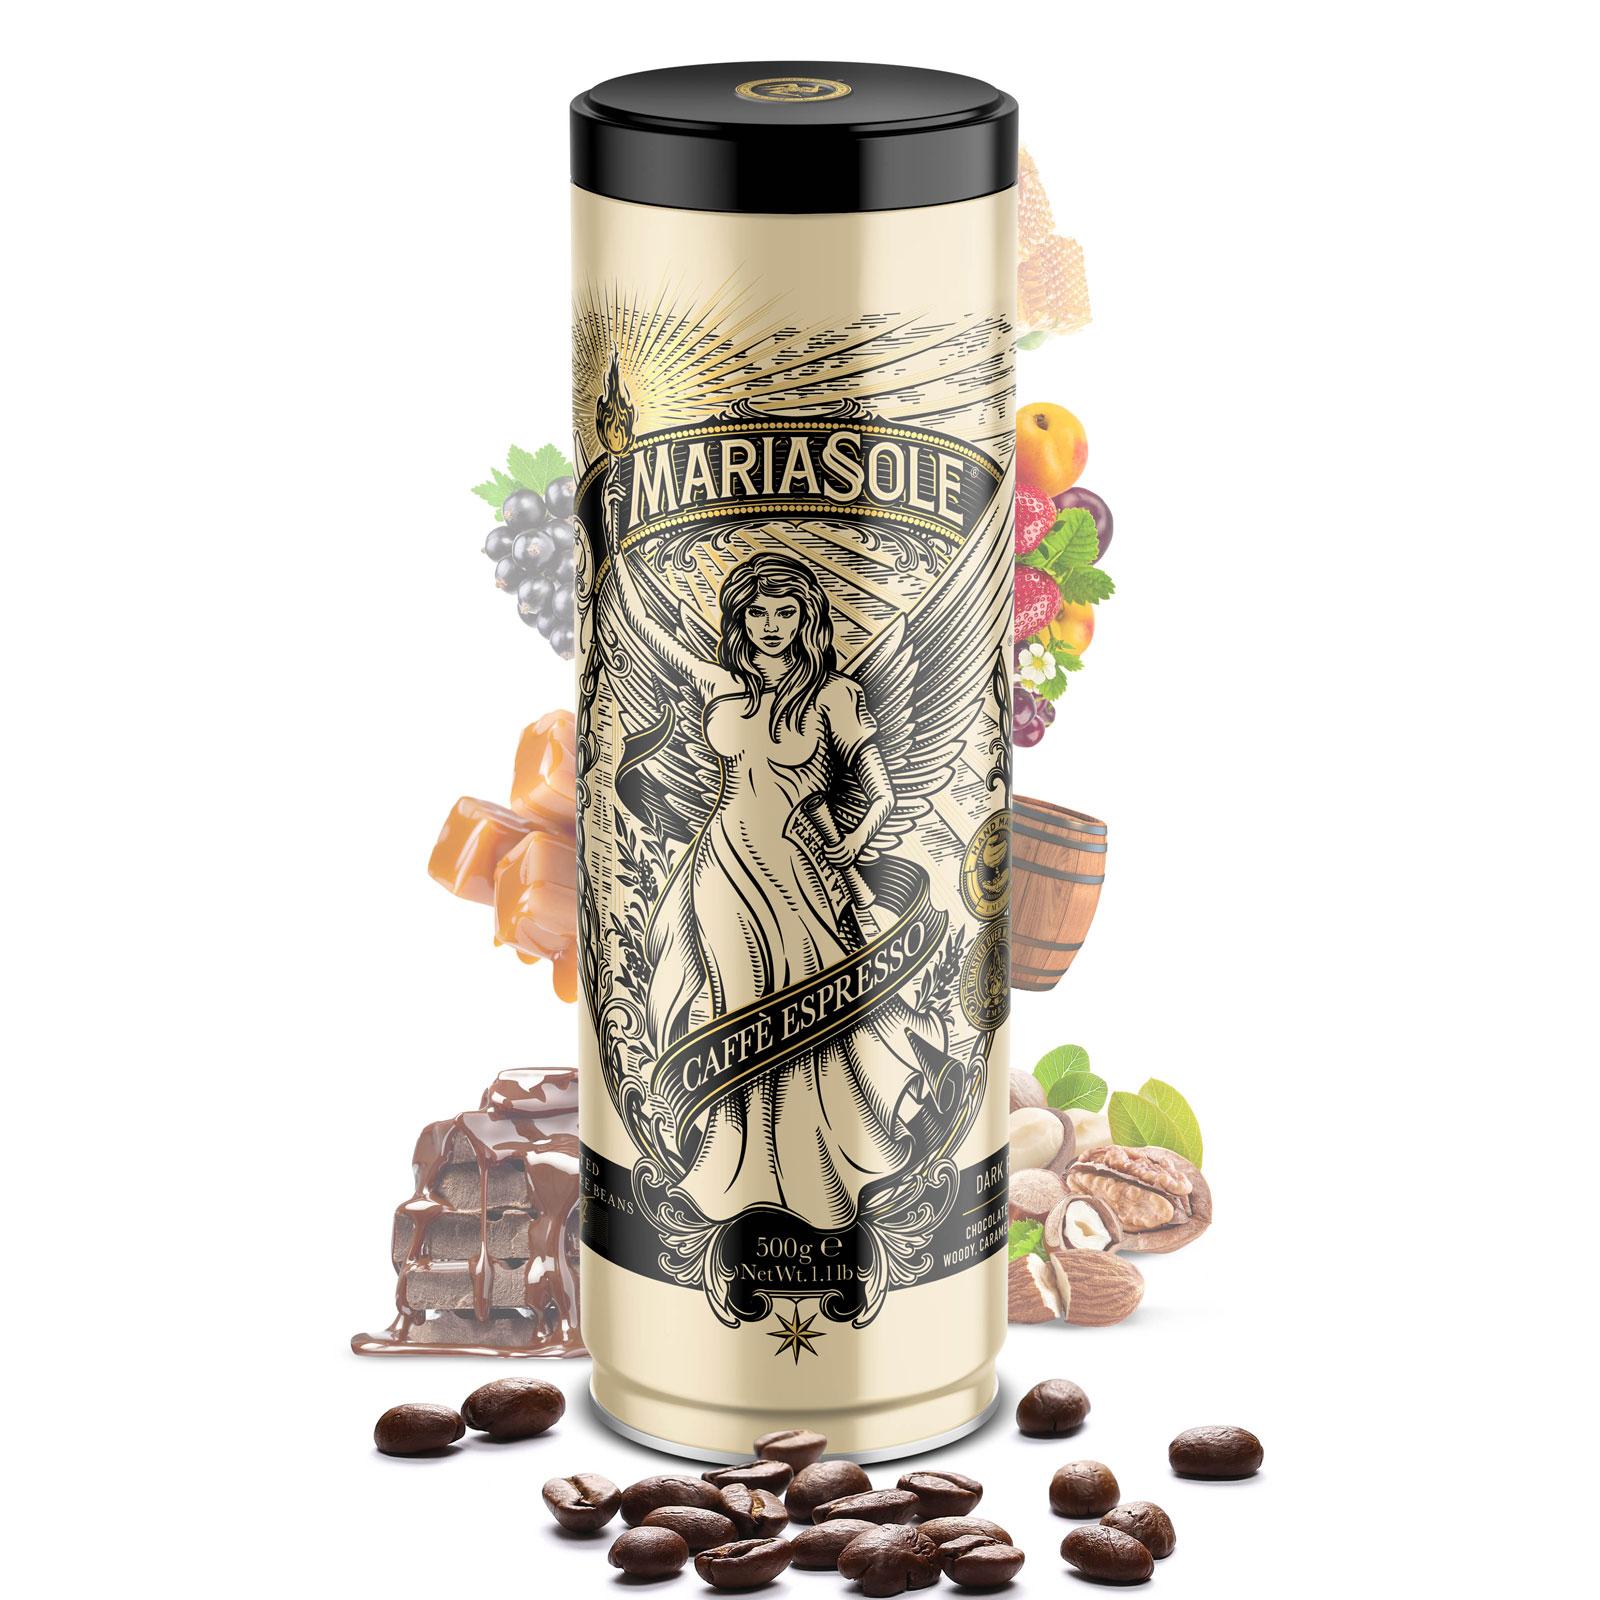 MARIASOLE - Caffè Espresso - 500g - Bohnen